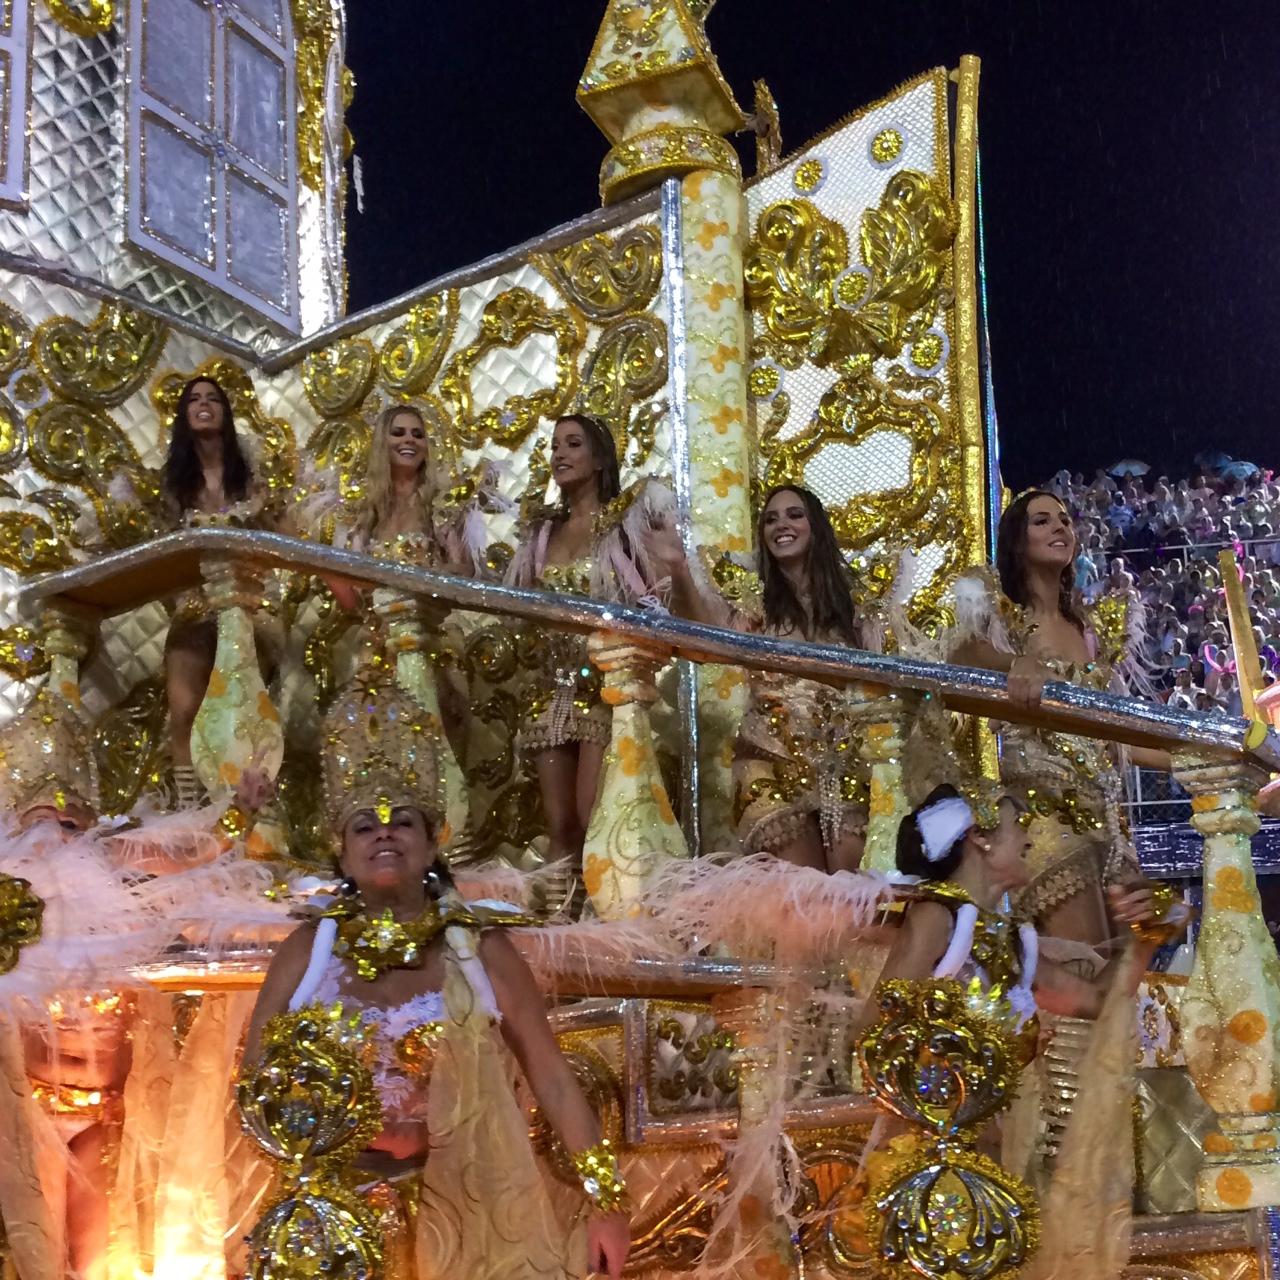 Carnaval Sapucai Magueira Blogueiras Rio de Janeiro